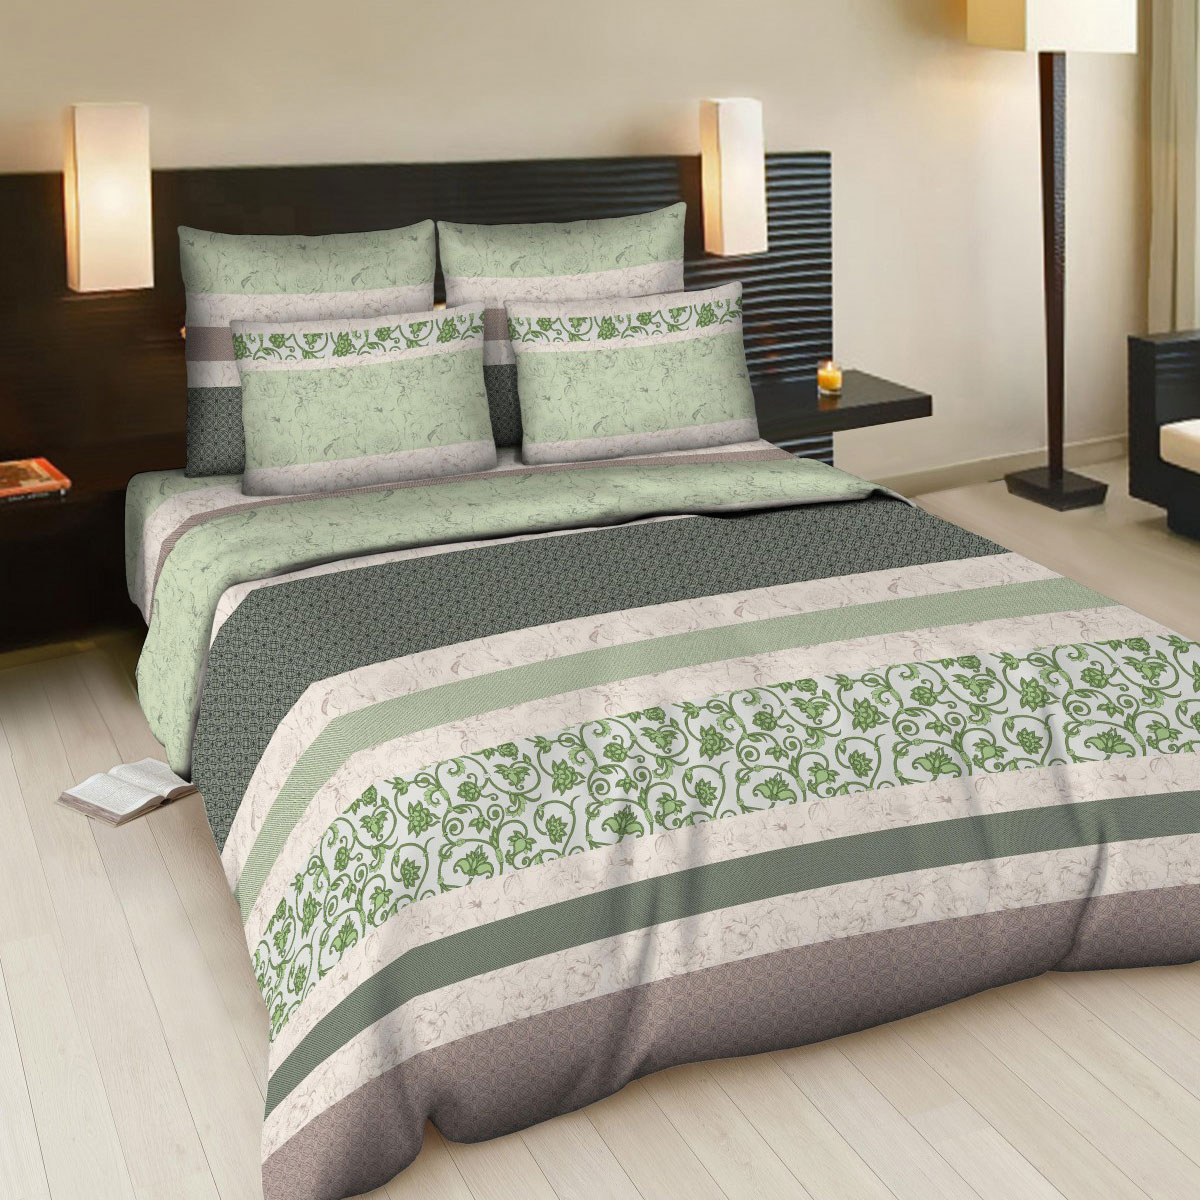 Комплект белья Letto Карнелия, 2-спальный, наволочки 70х70, цвт: серый, светло-зеленый. В93-4 комплект белья letto 2 спальное наволочки 70х70 цвет сиреневый в39 4